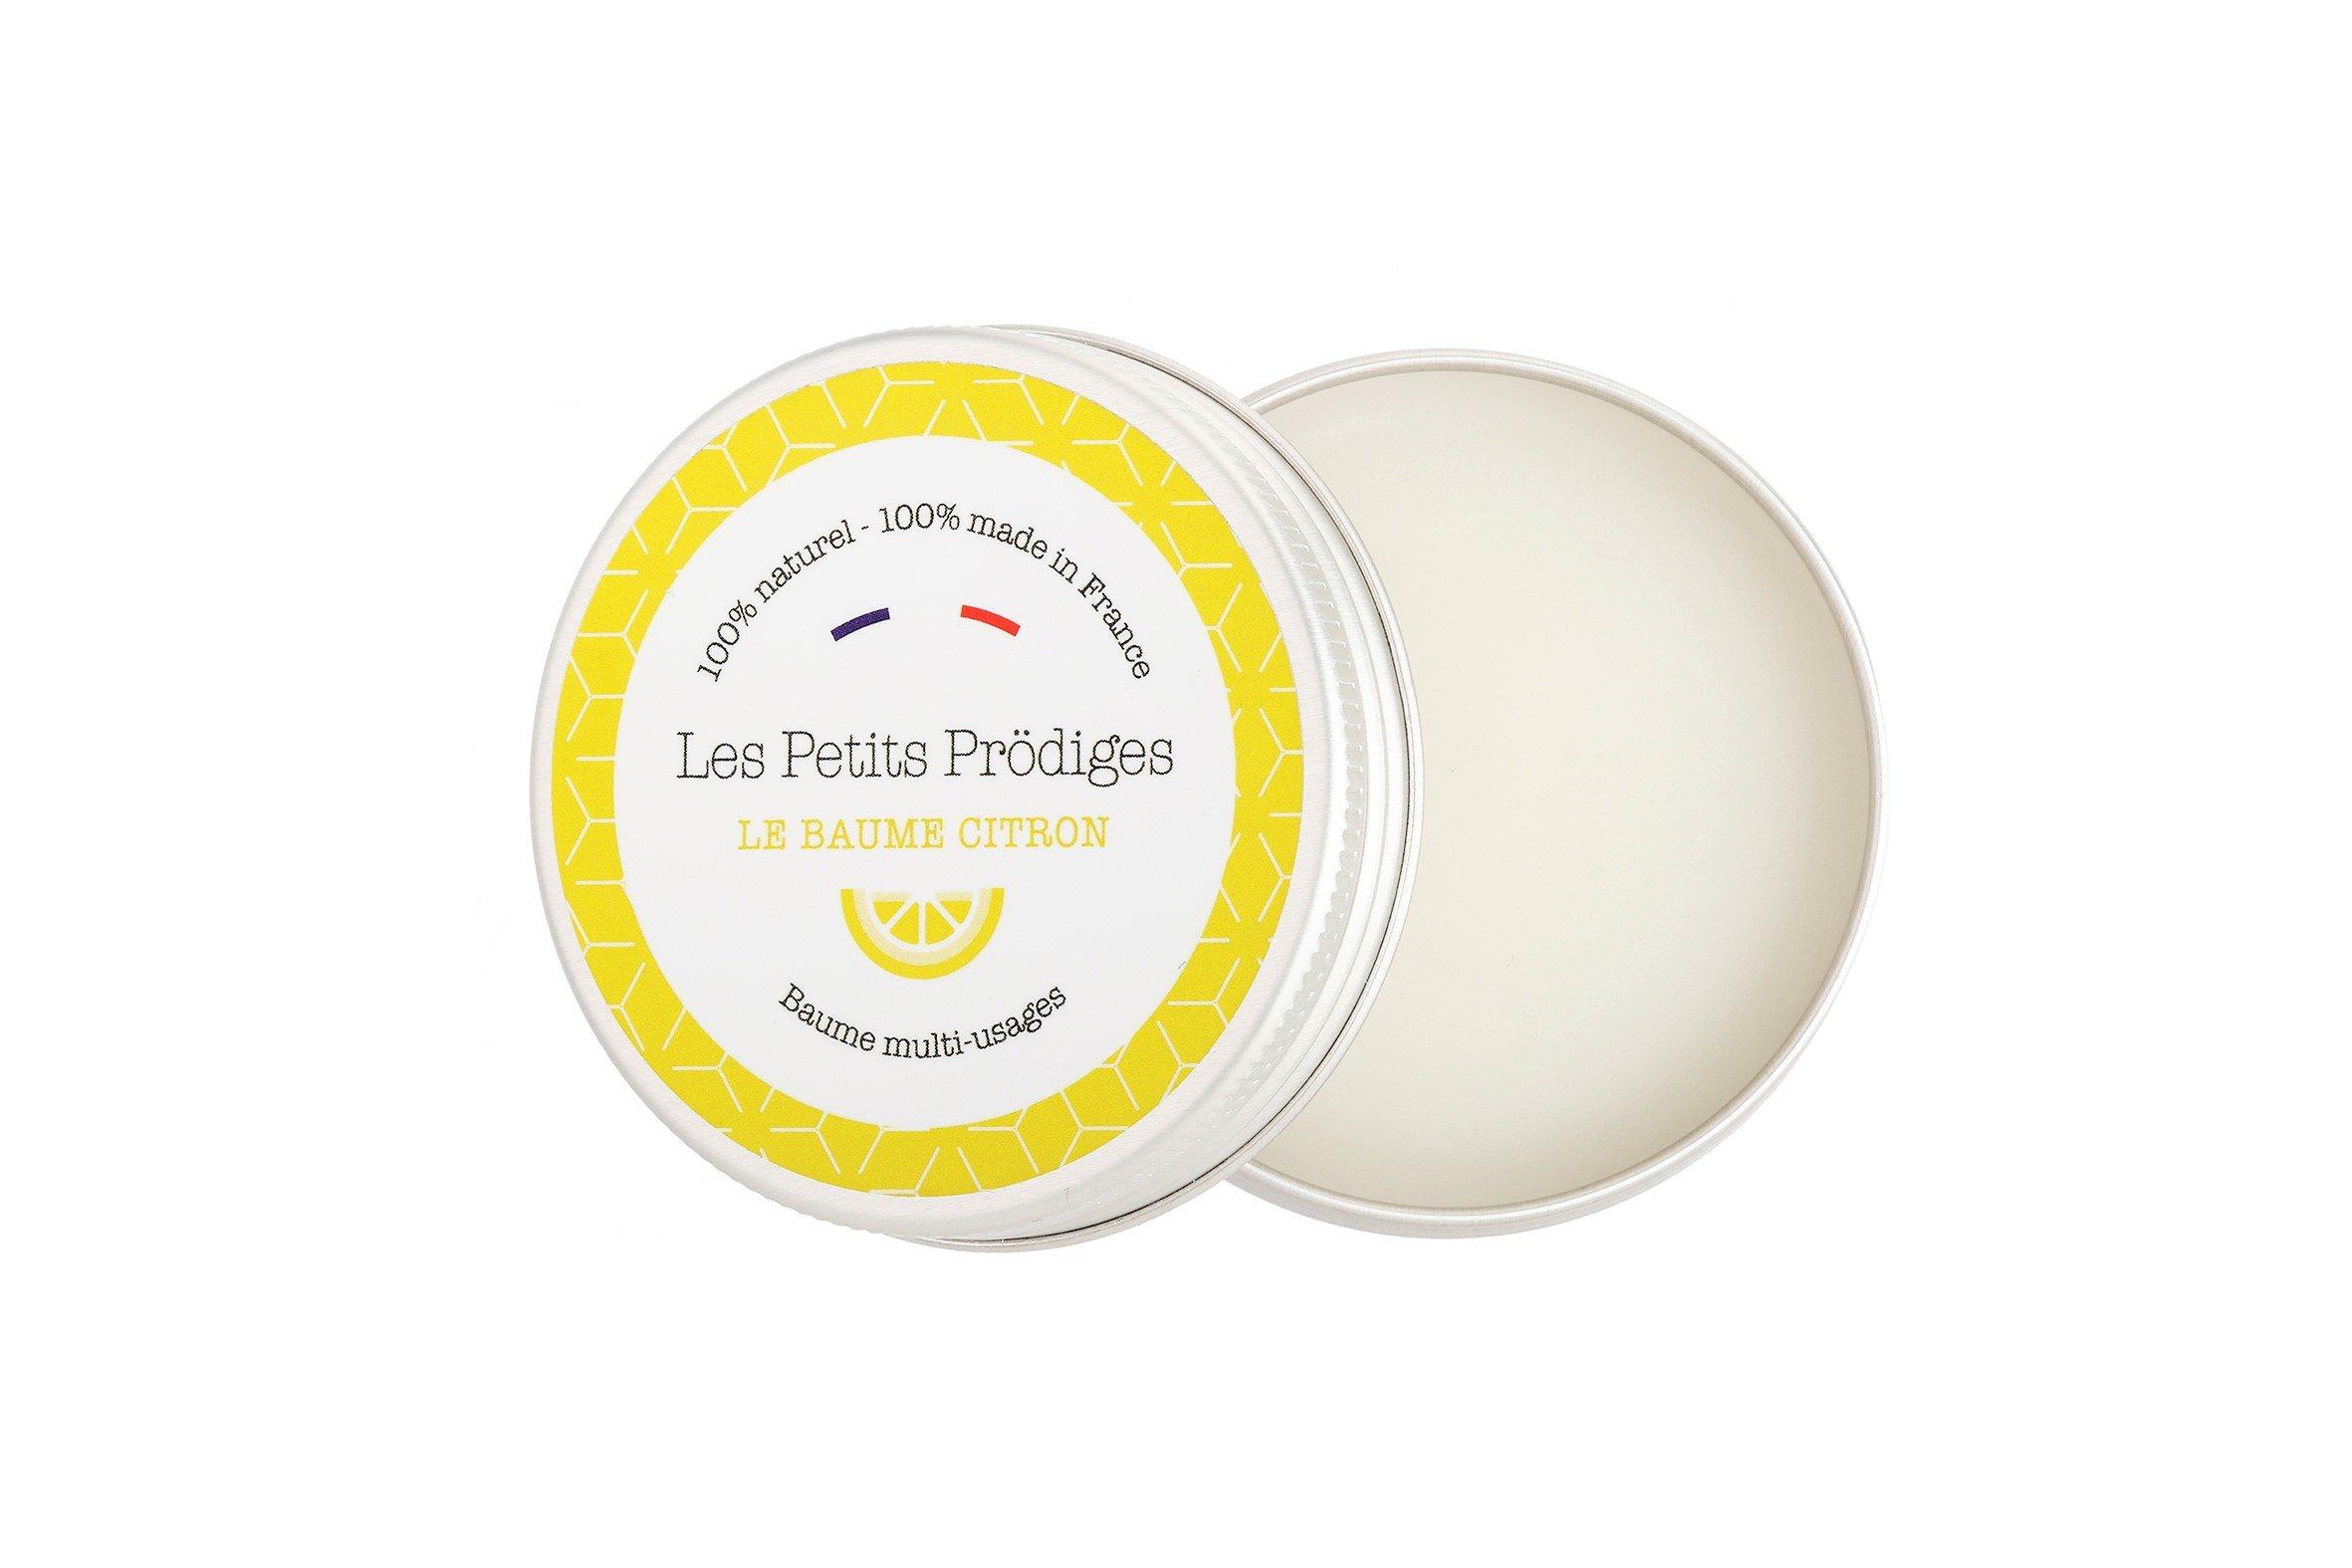 Le_Baume_Citron_Les_Petits_Prodiges